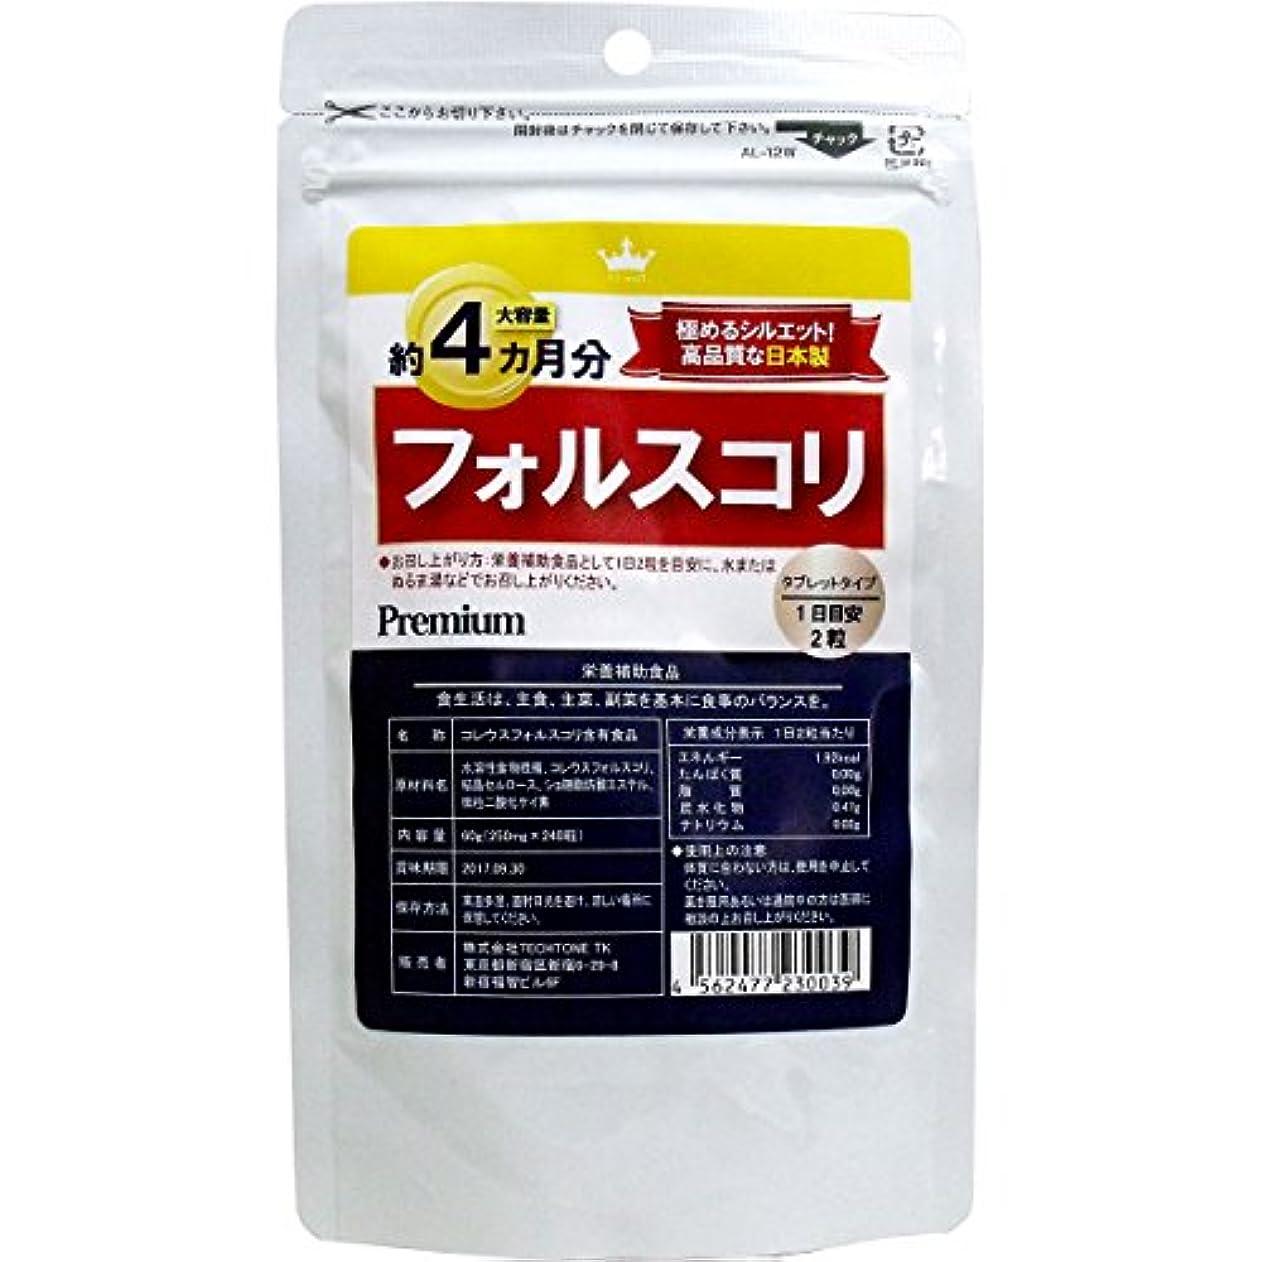 代数海港ミサイルサプリメント 高品質な日本製 健康食品 フォルスコリ 約4カ月分 240粒入【3個セット】